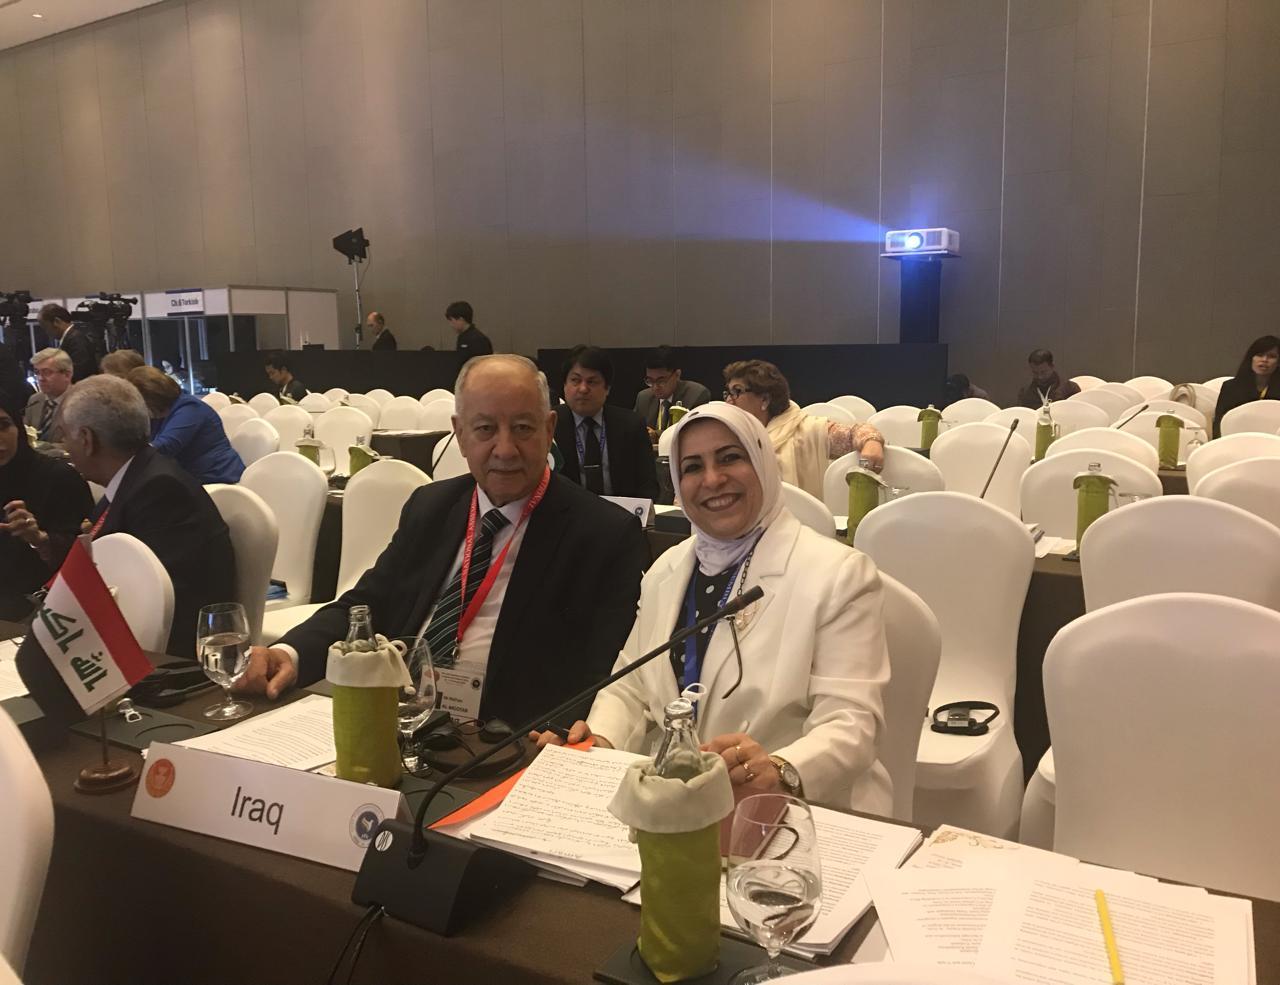 بمشاركة العراق.. انطلاق أعمال لجنة الشؤون الاجتماعية والثقافية لجمعية البرلمانات الآسيوية بتايلند